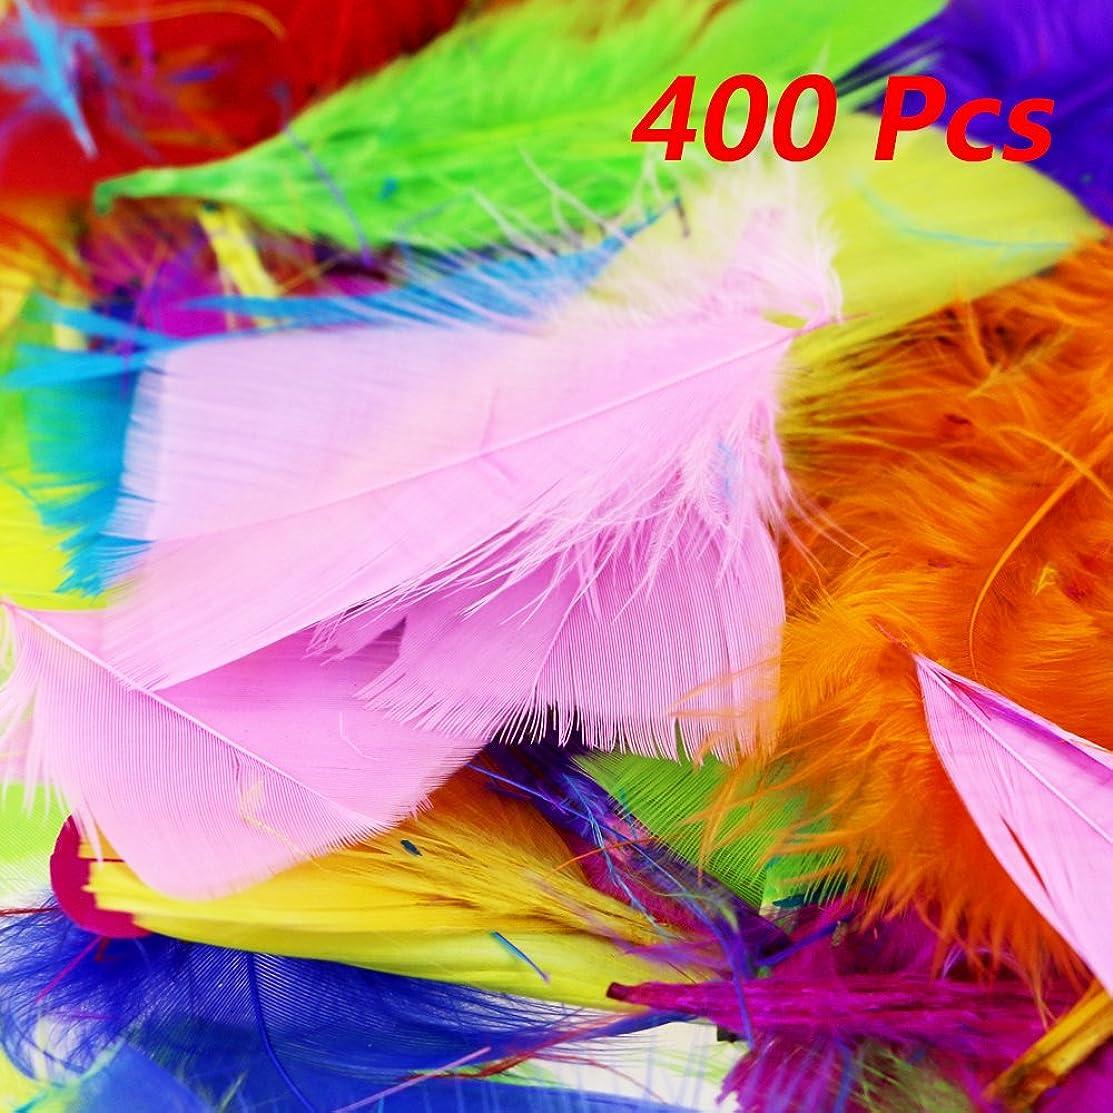 About 400pcs 2